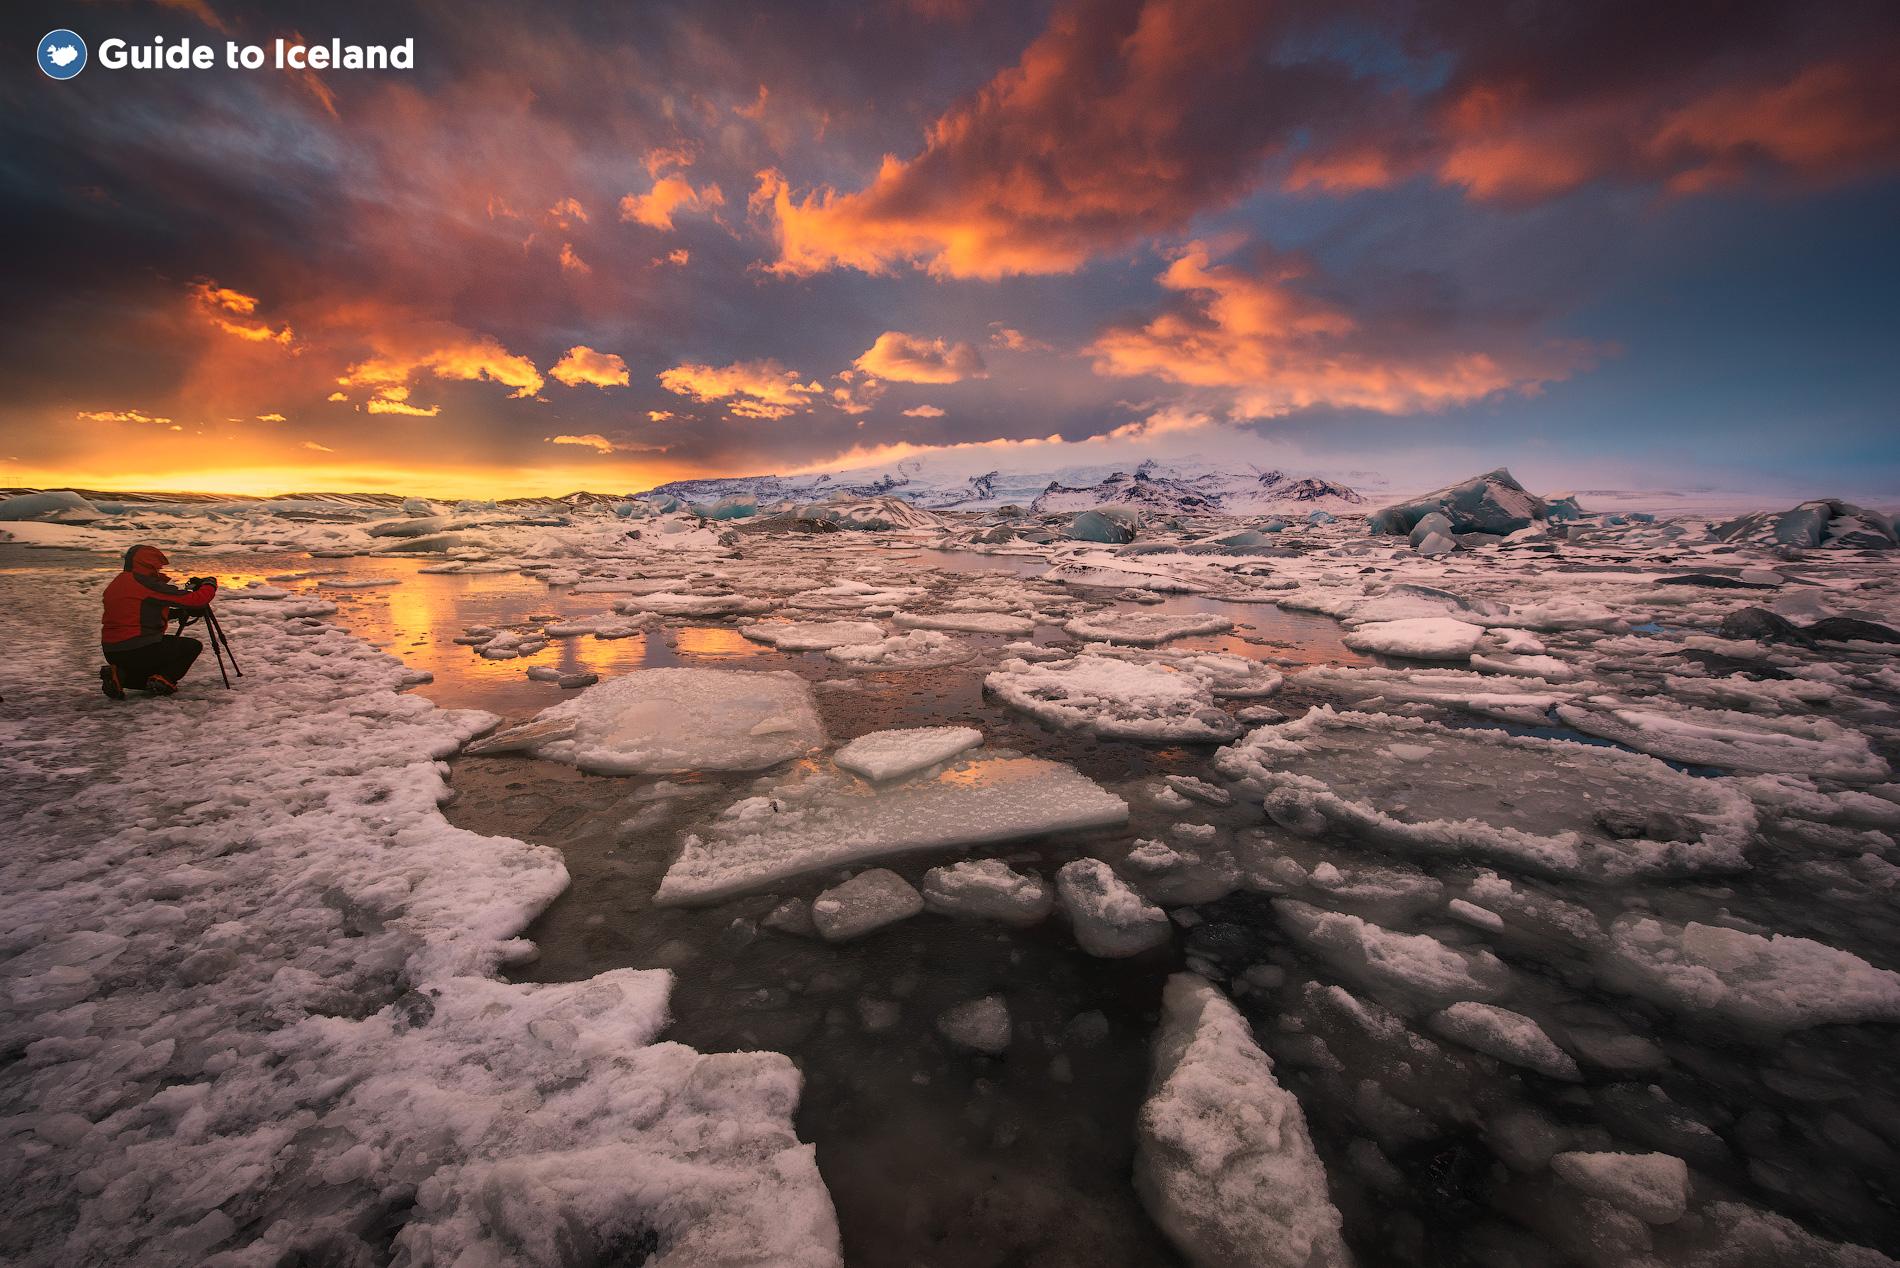 静かでのどかな雰囲気がアイスランド東部に実感